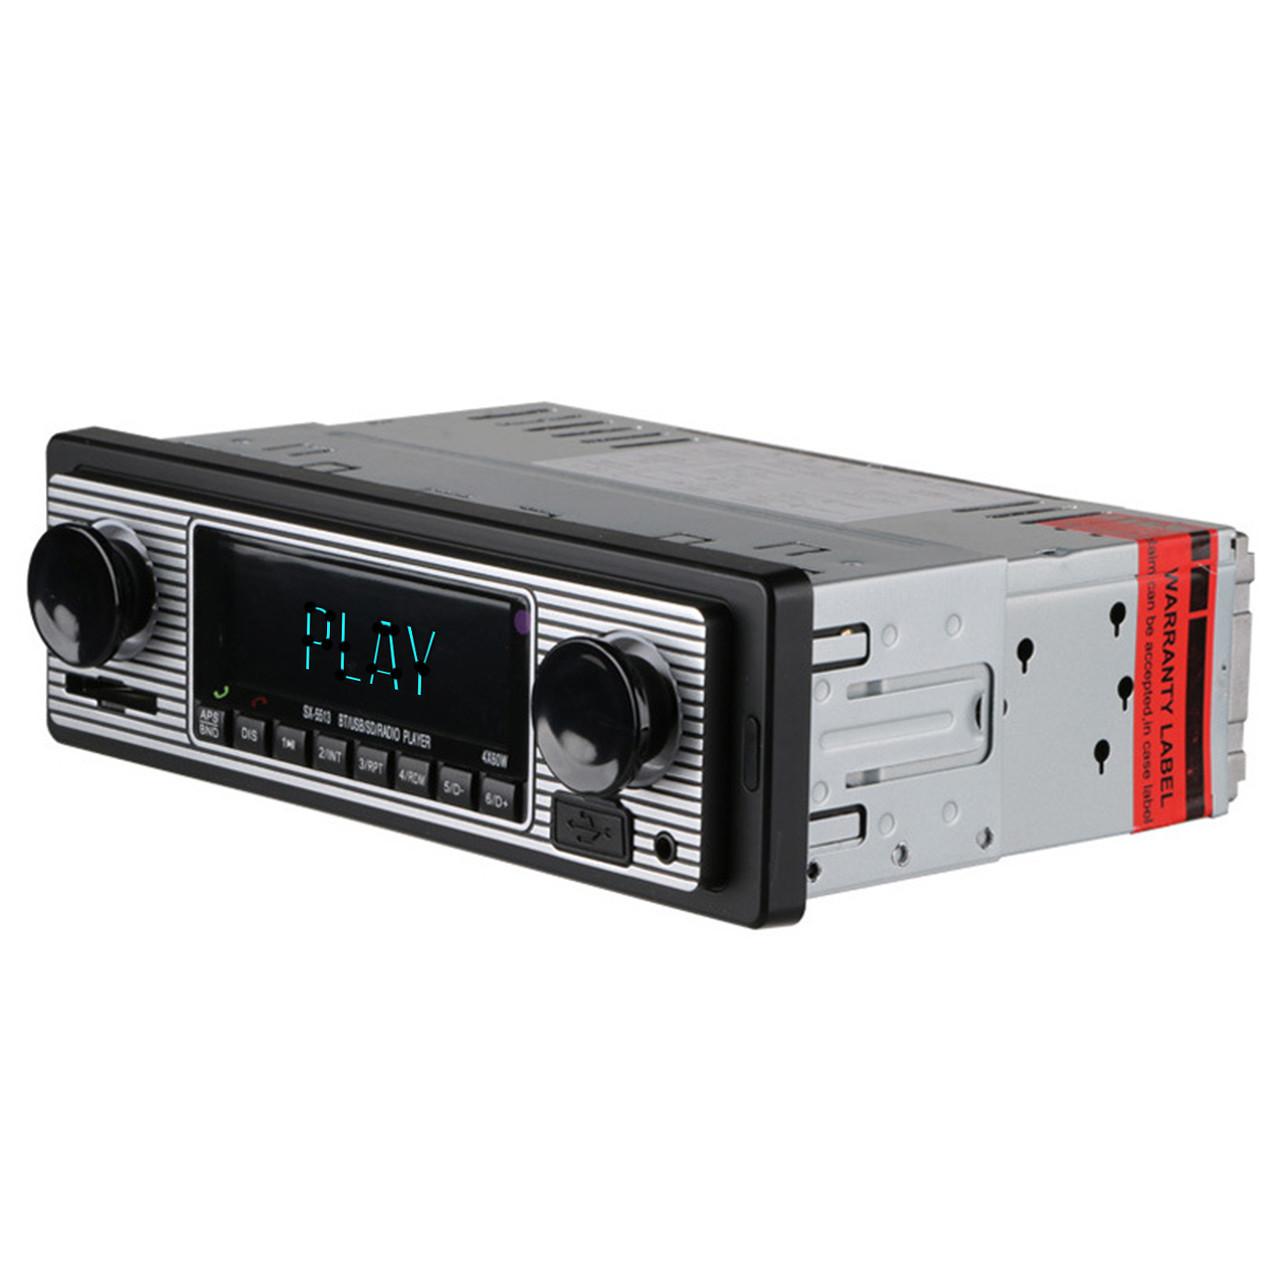 Автомагнитола Lesko 5513 1DIN bluetooth USB microSD LED экран ответ на звонки 60 Вт (2730-7524)